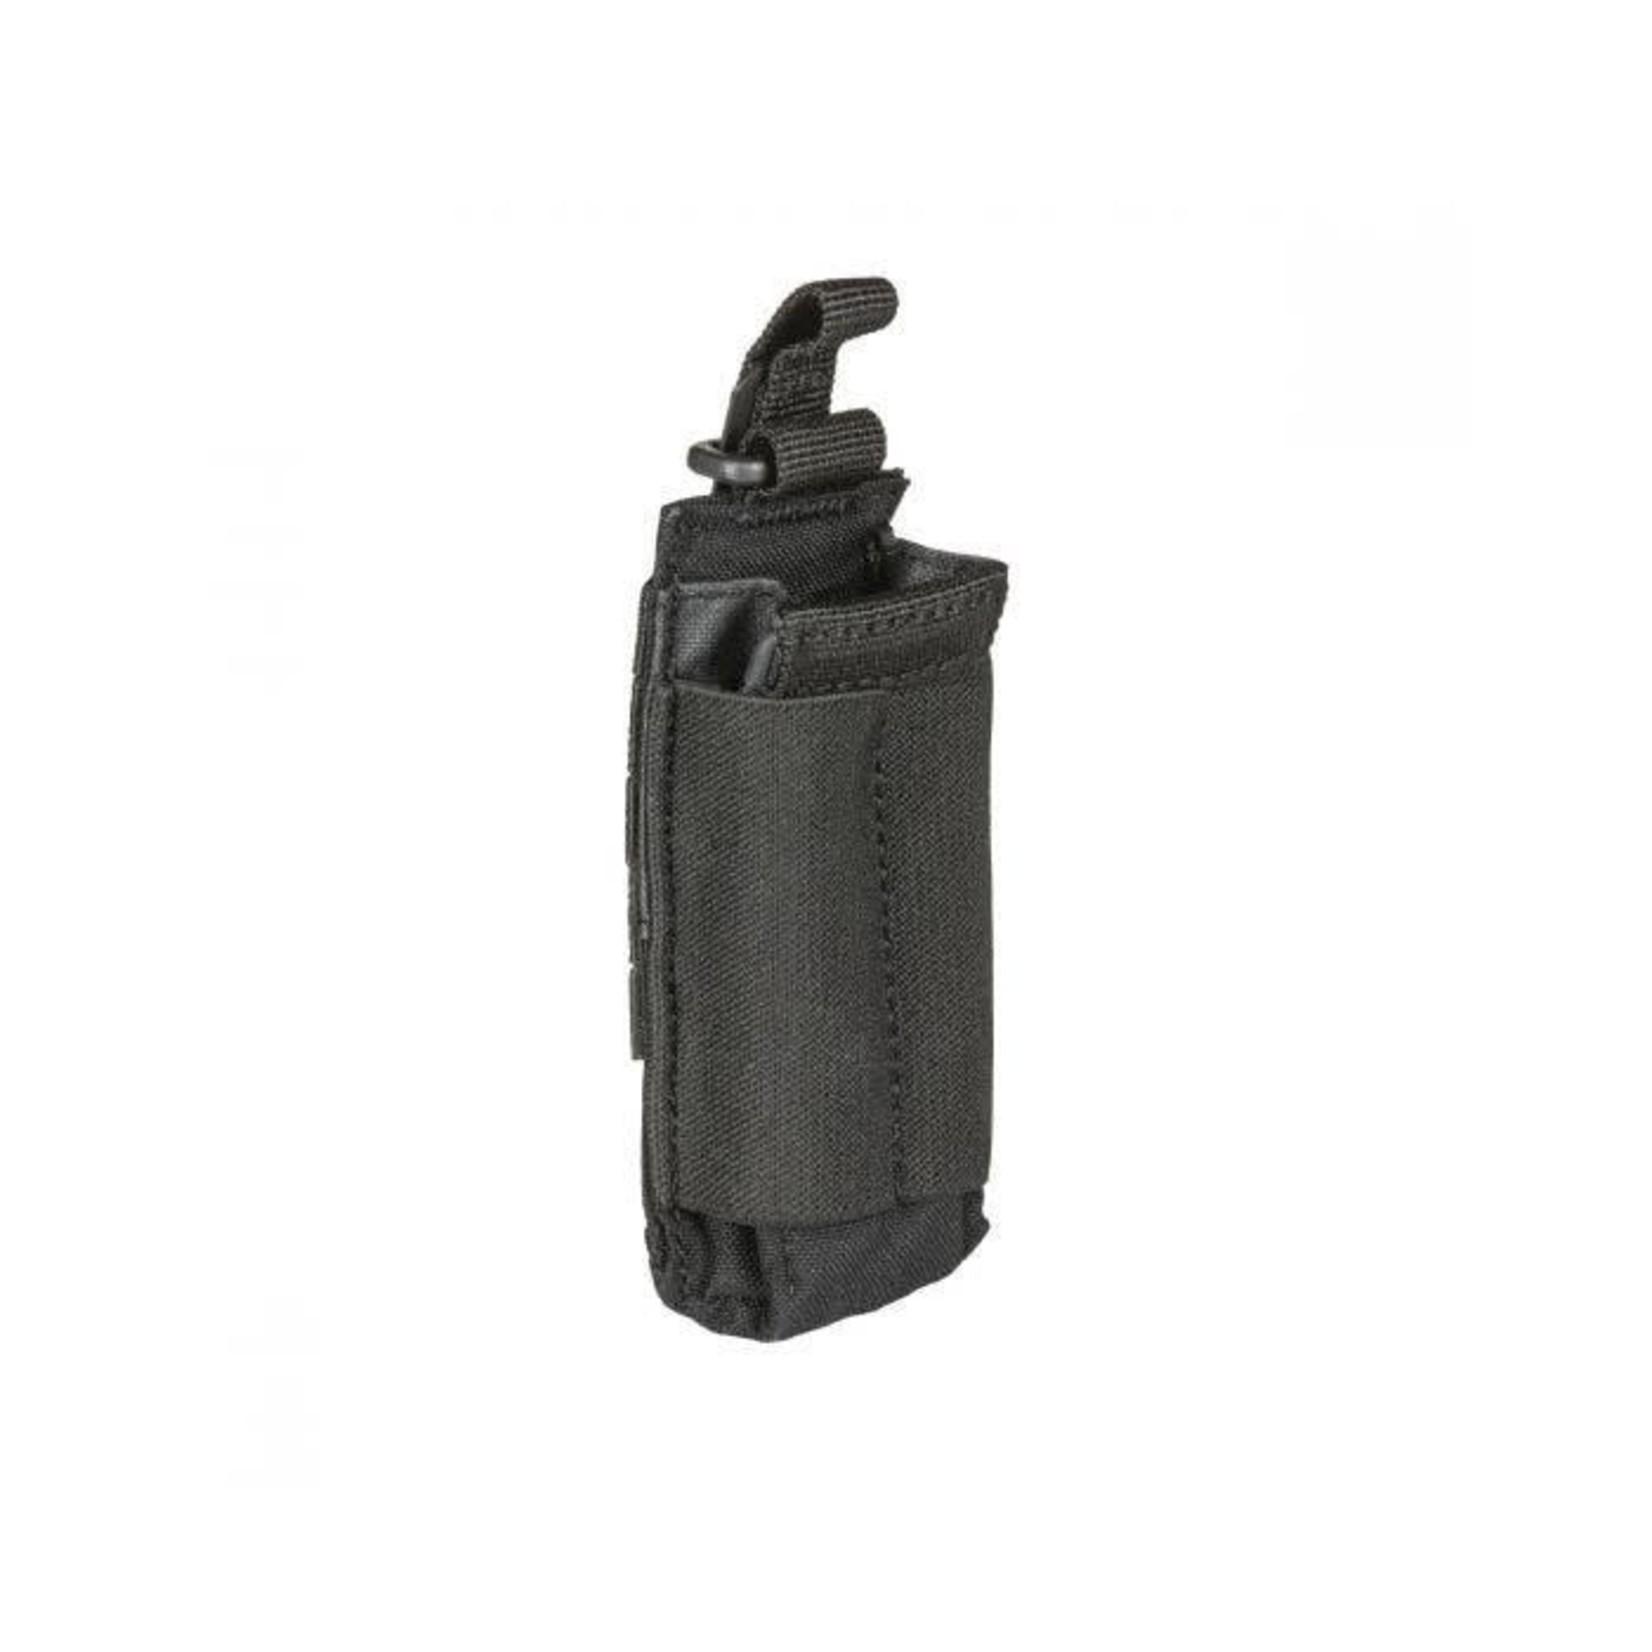 5.11 Tactical 5.11 Flex Single Pistol Pouch